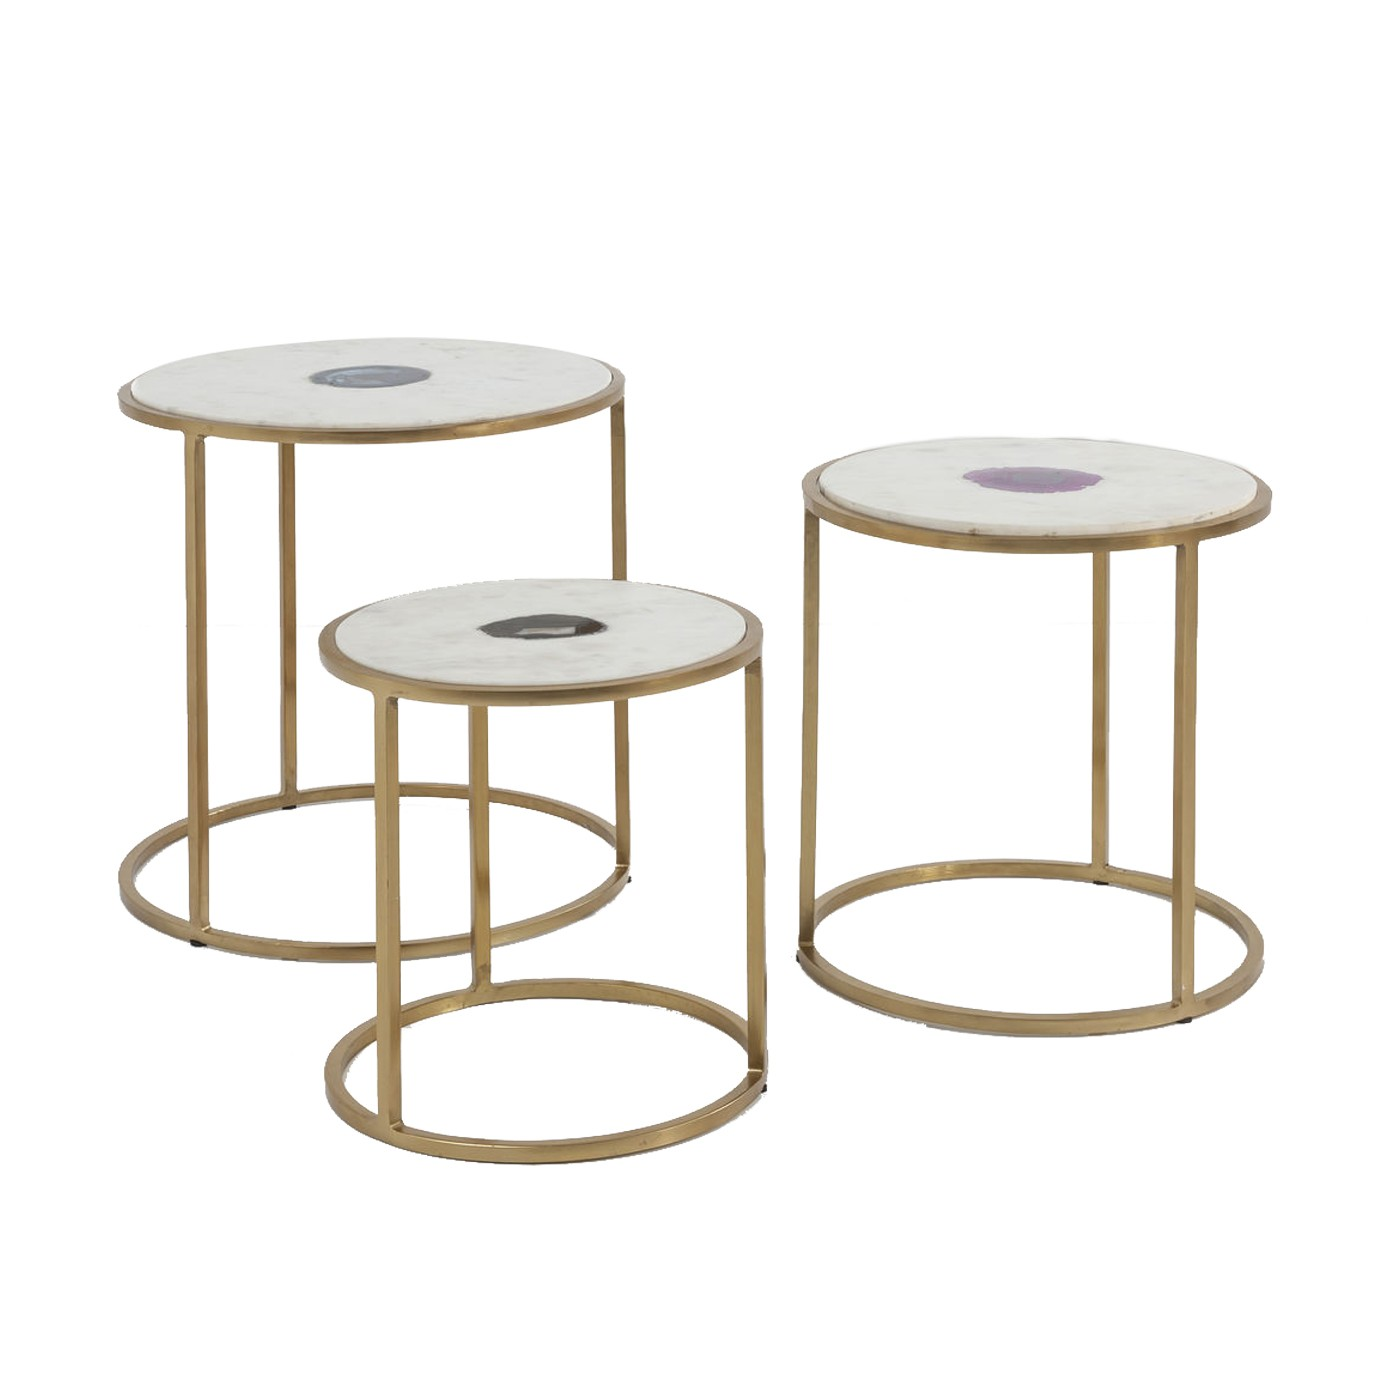 maison du monde LIMBO - 3 tables d'appoint gigognes en acier doré et marbre blanc